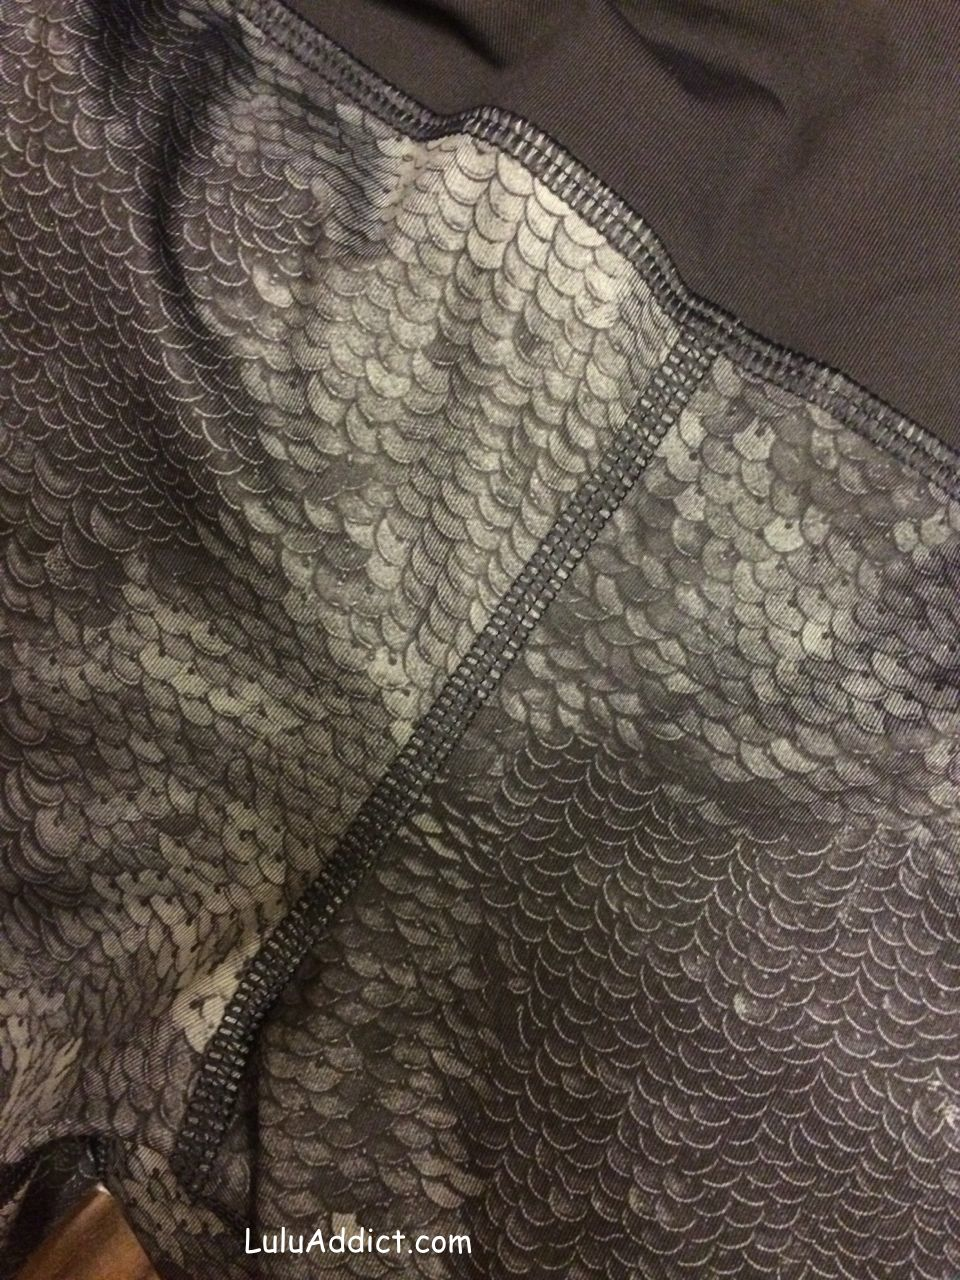 lululemon-sequin-snakeskin speed tight